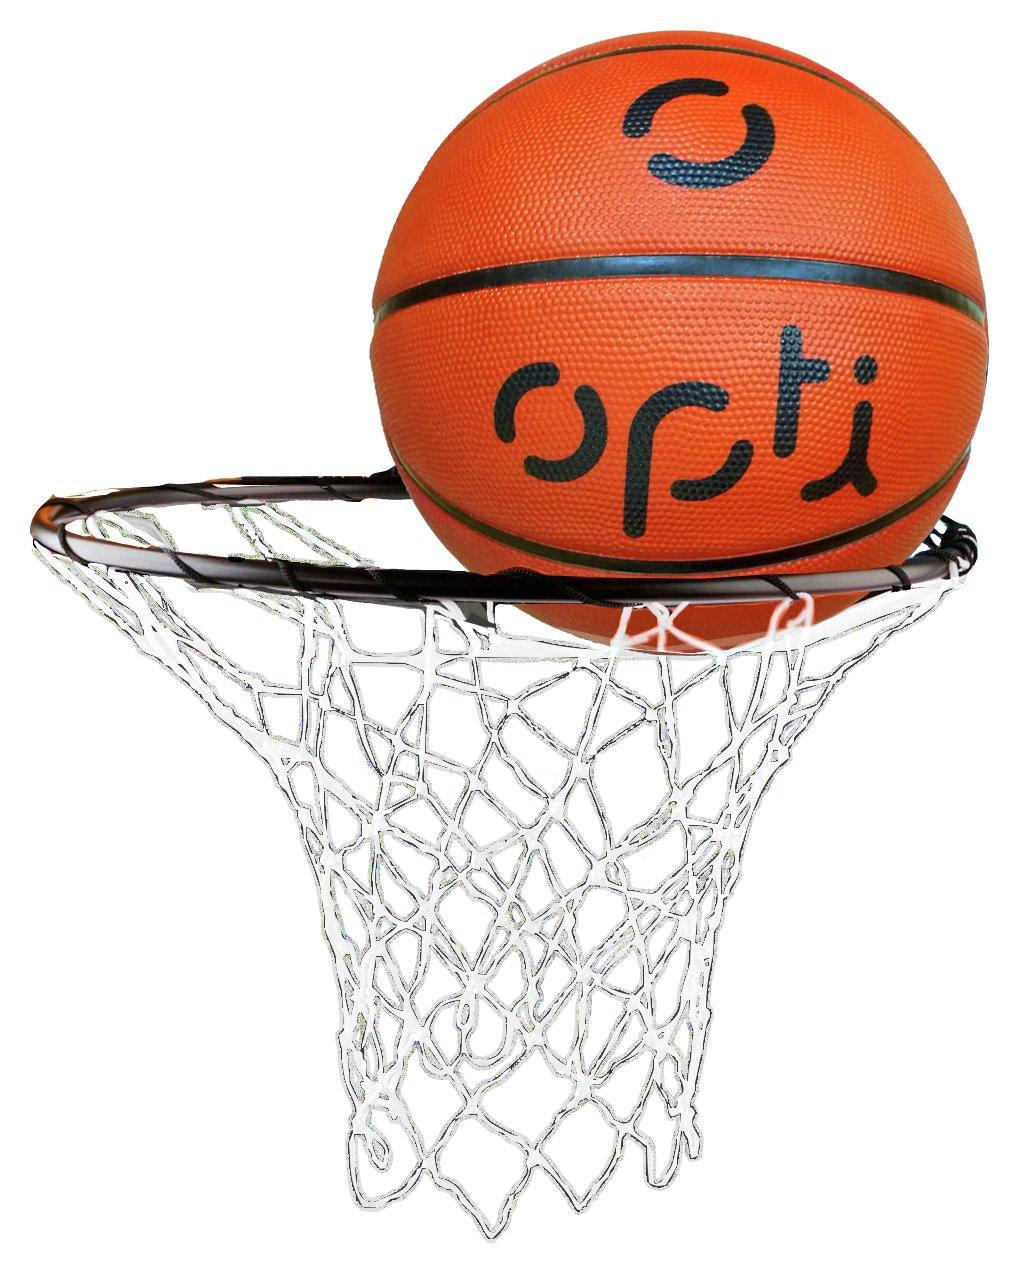 Opti Basketball Ring Net And Ball